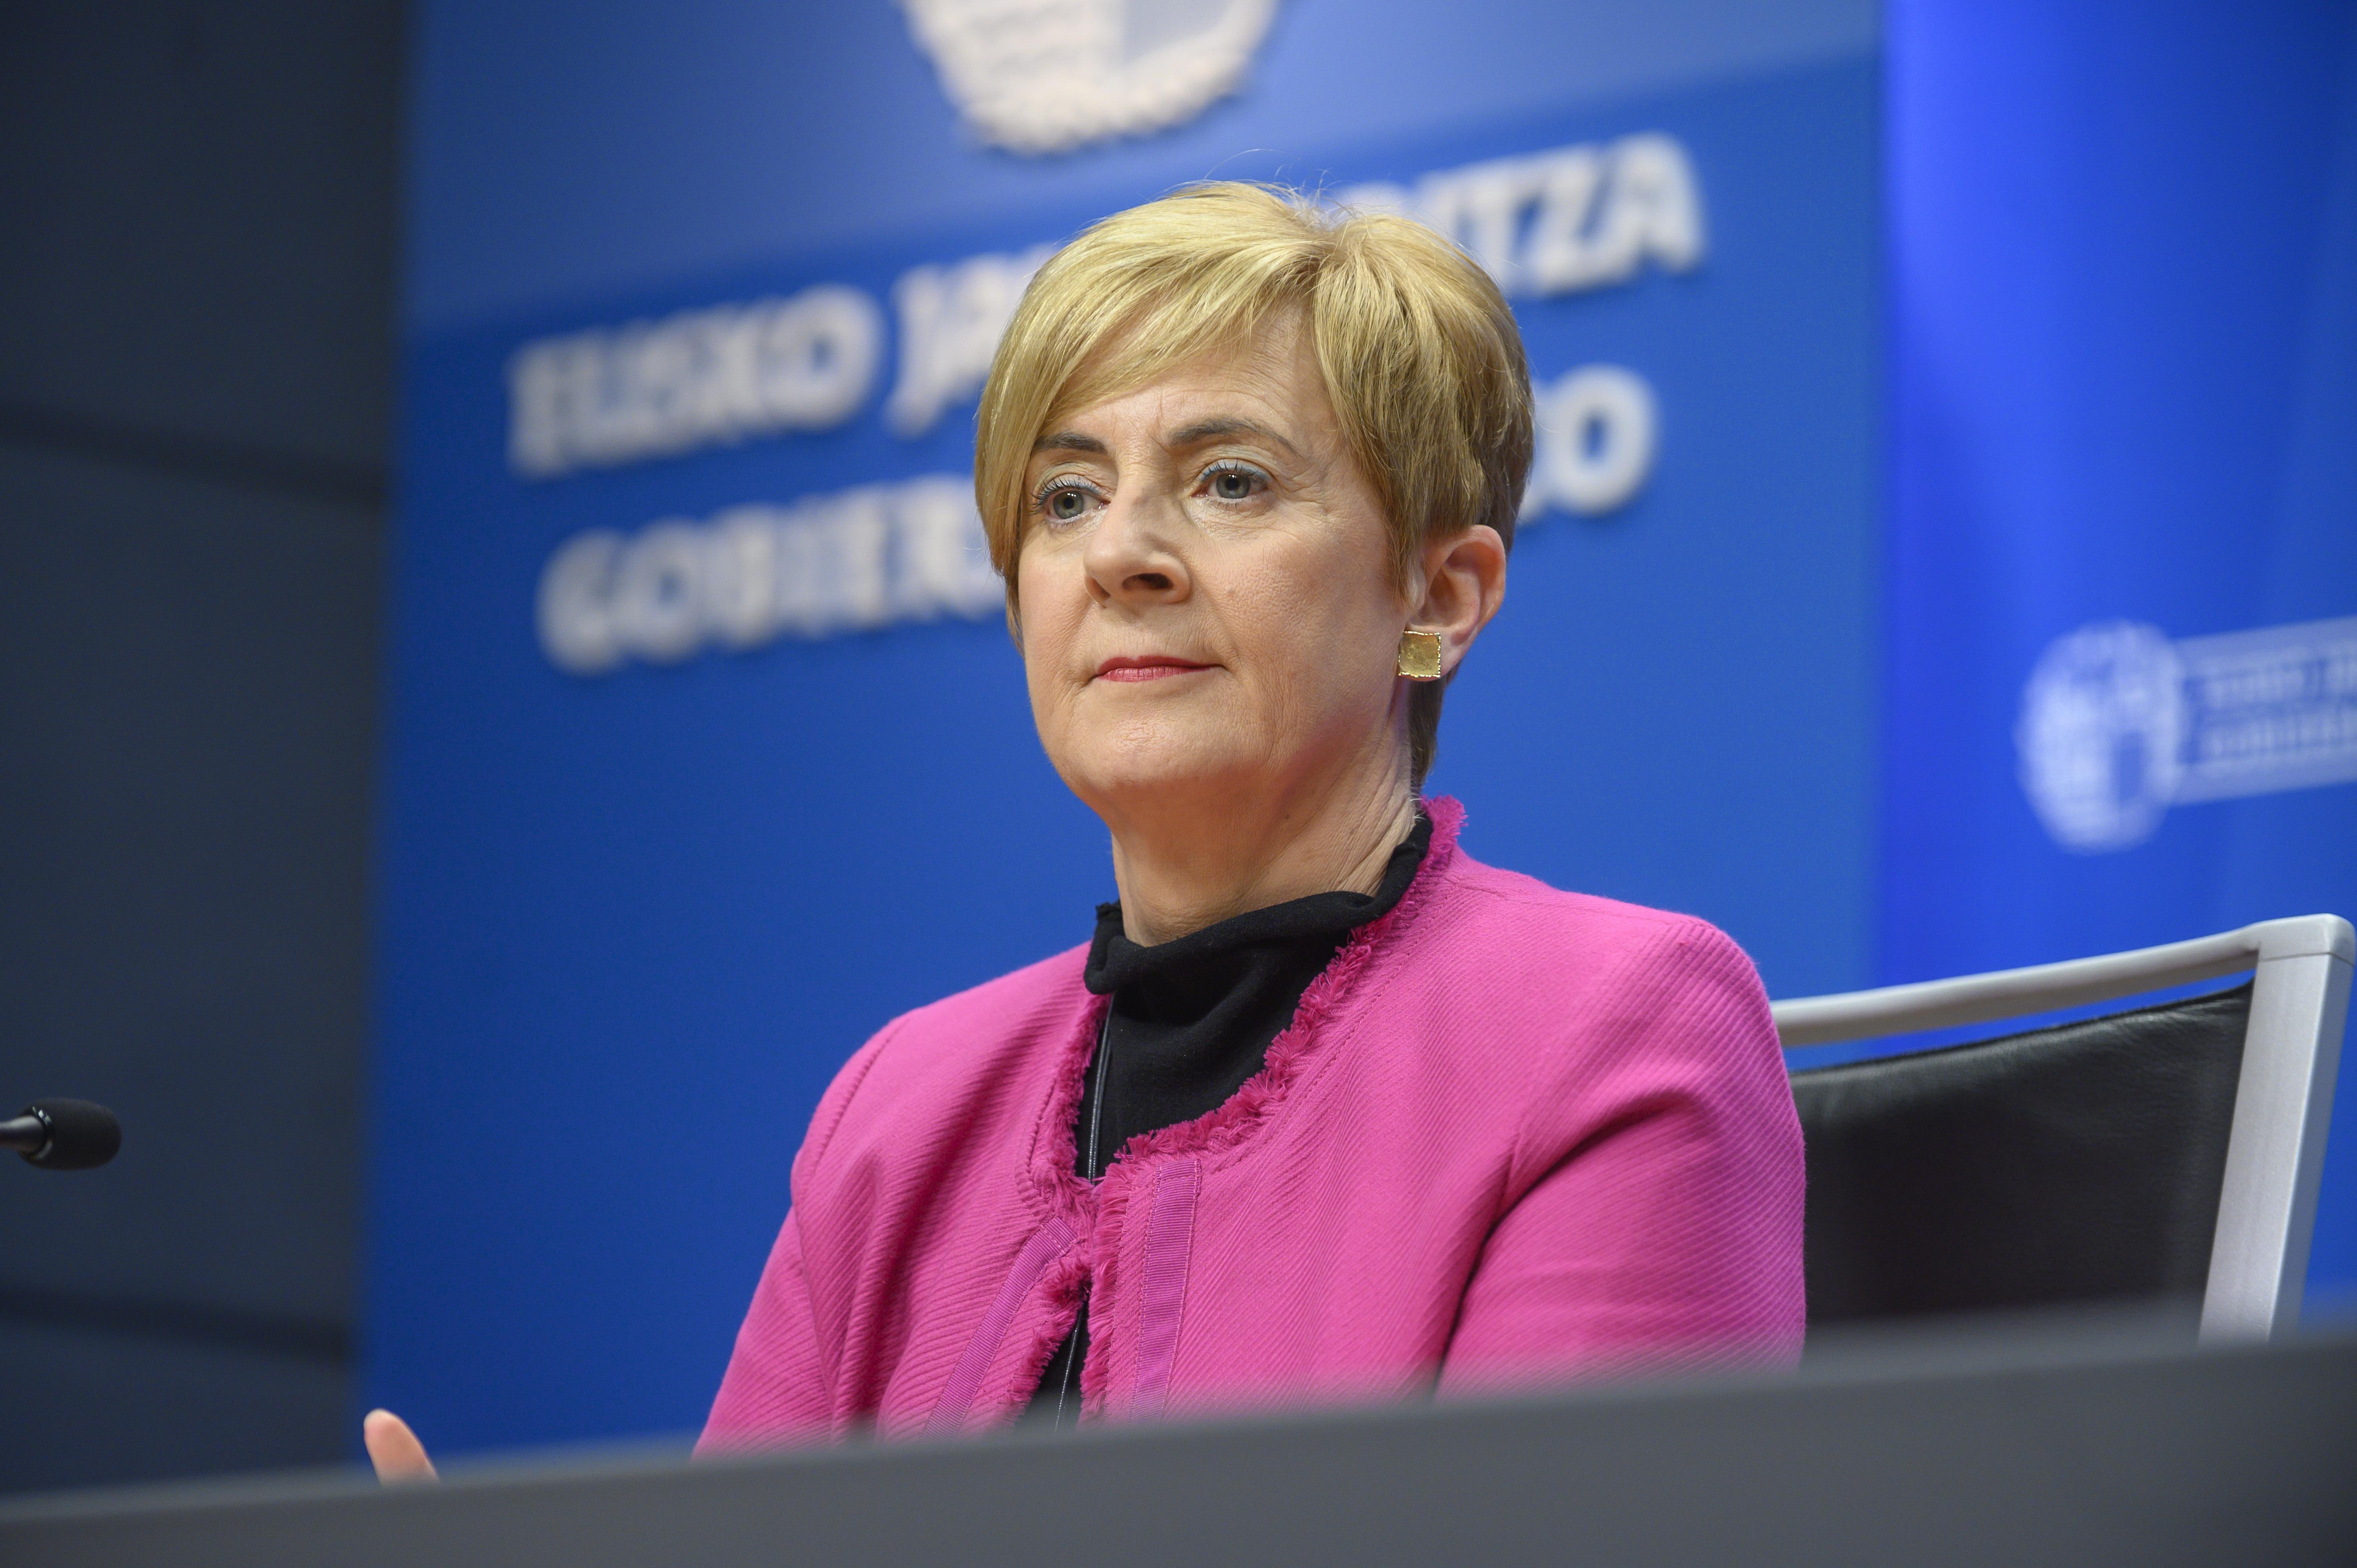 Euskadi propone que se regule la obligatoriedad de la mascarilla en el transporte público [16:11]